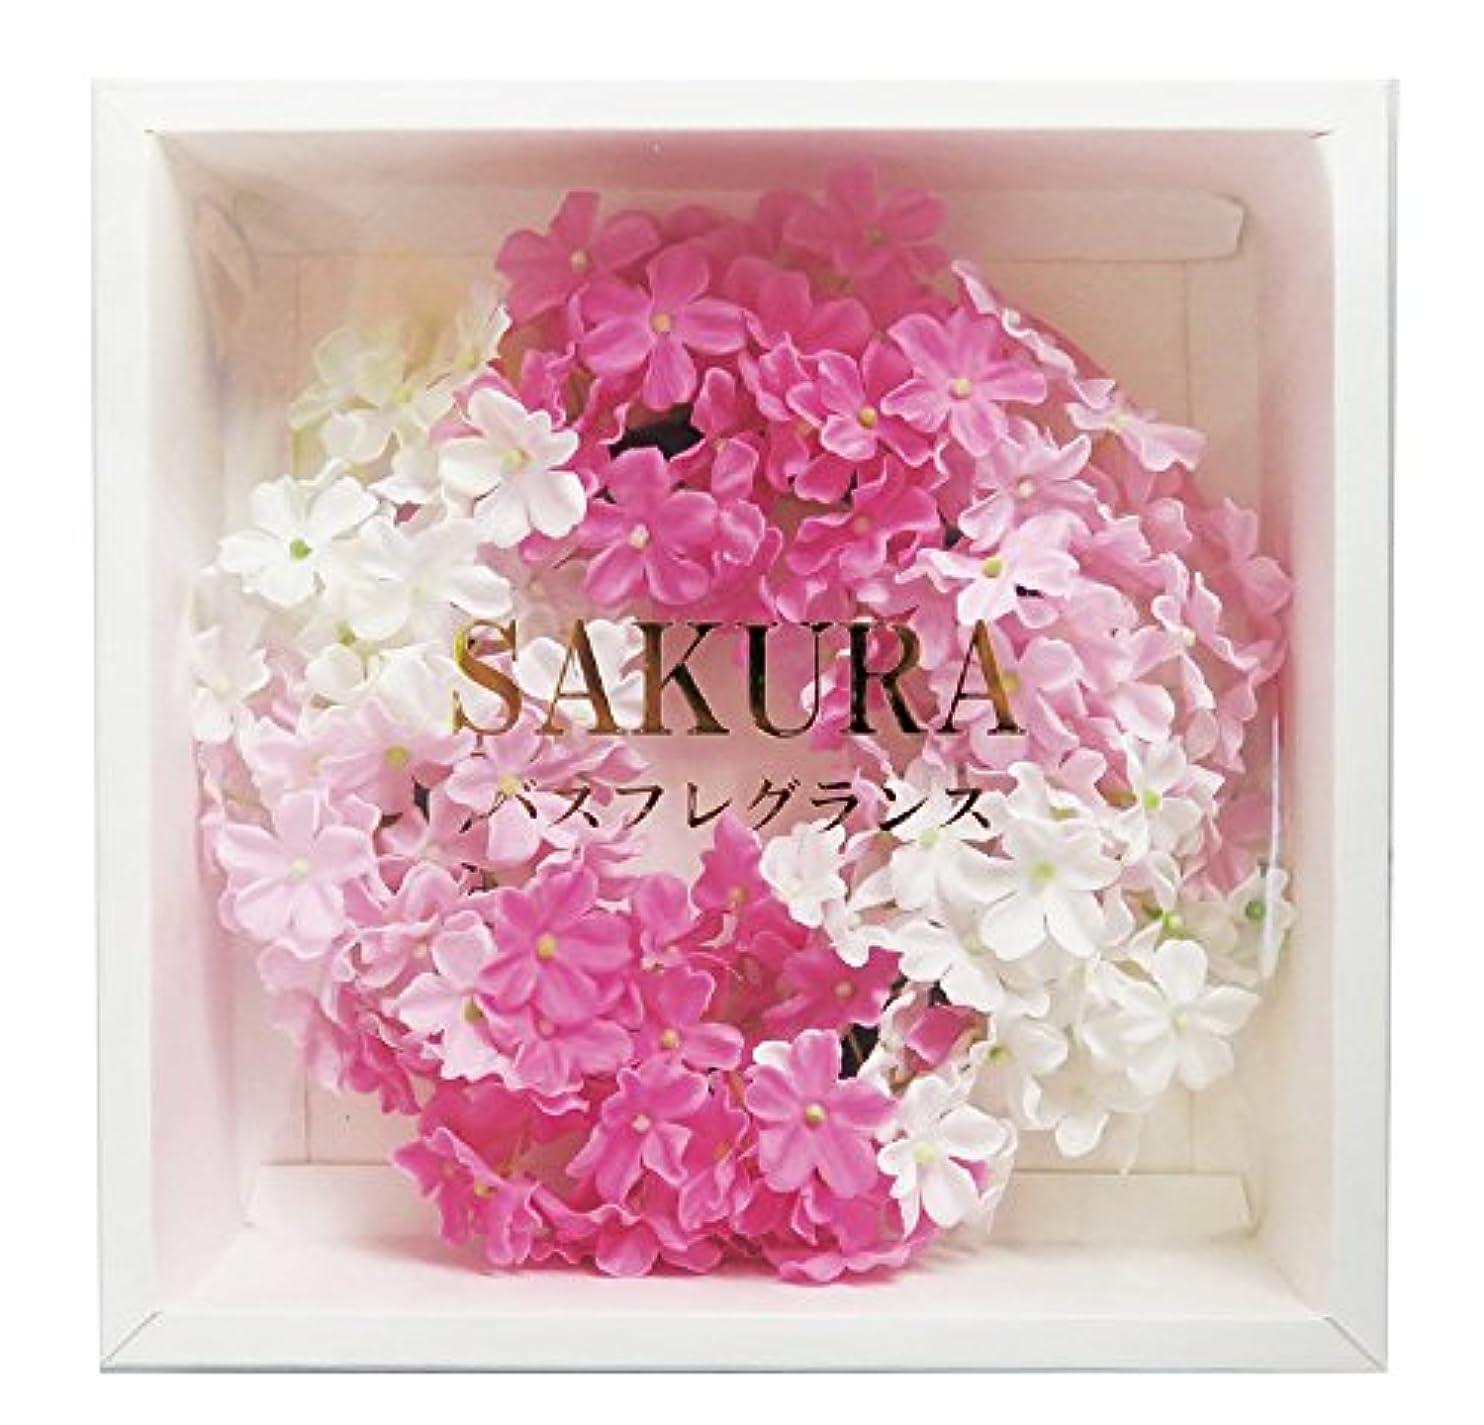 トンネル無剥ぎ取る花のカタチの入浴料! バスフレグランス SAKURA サクラ リース